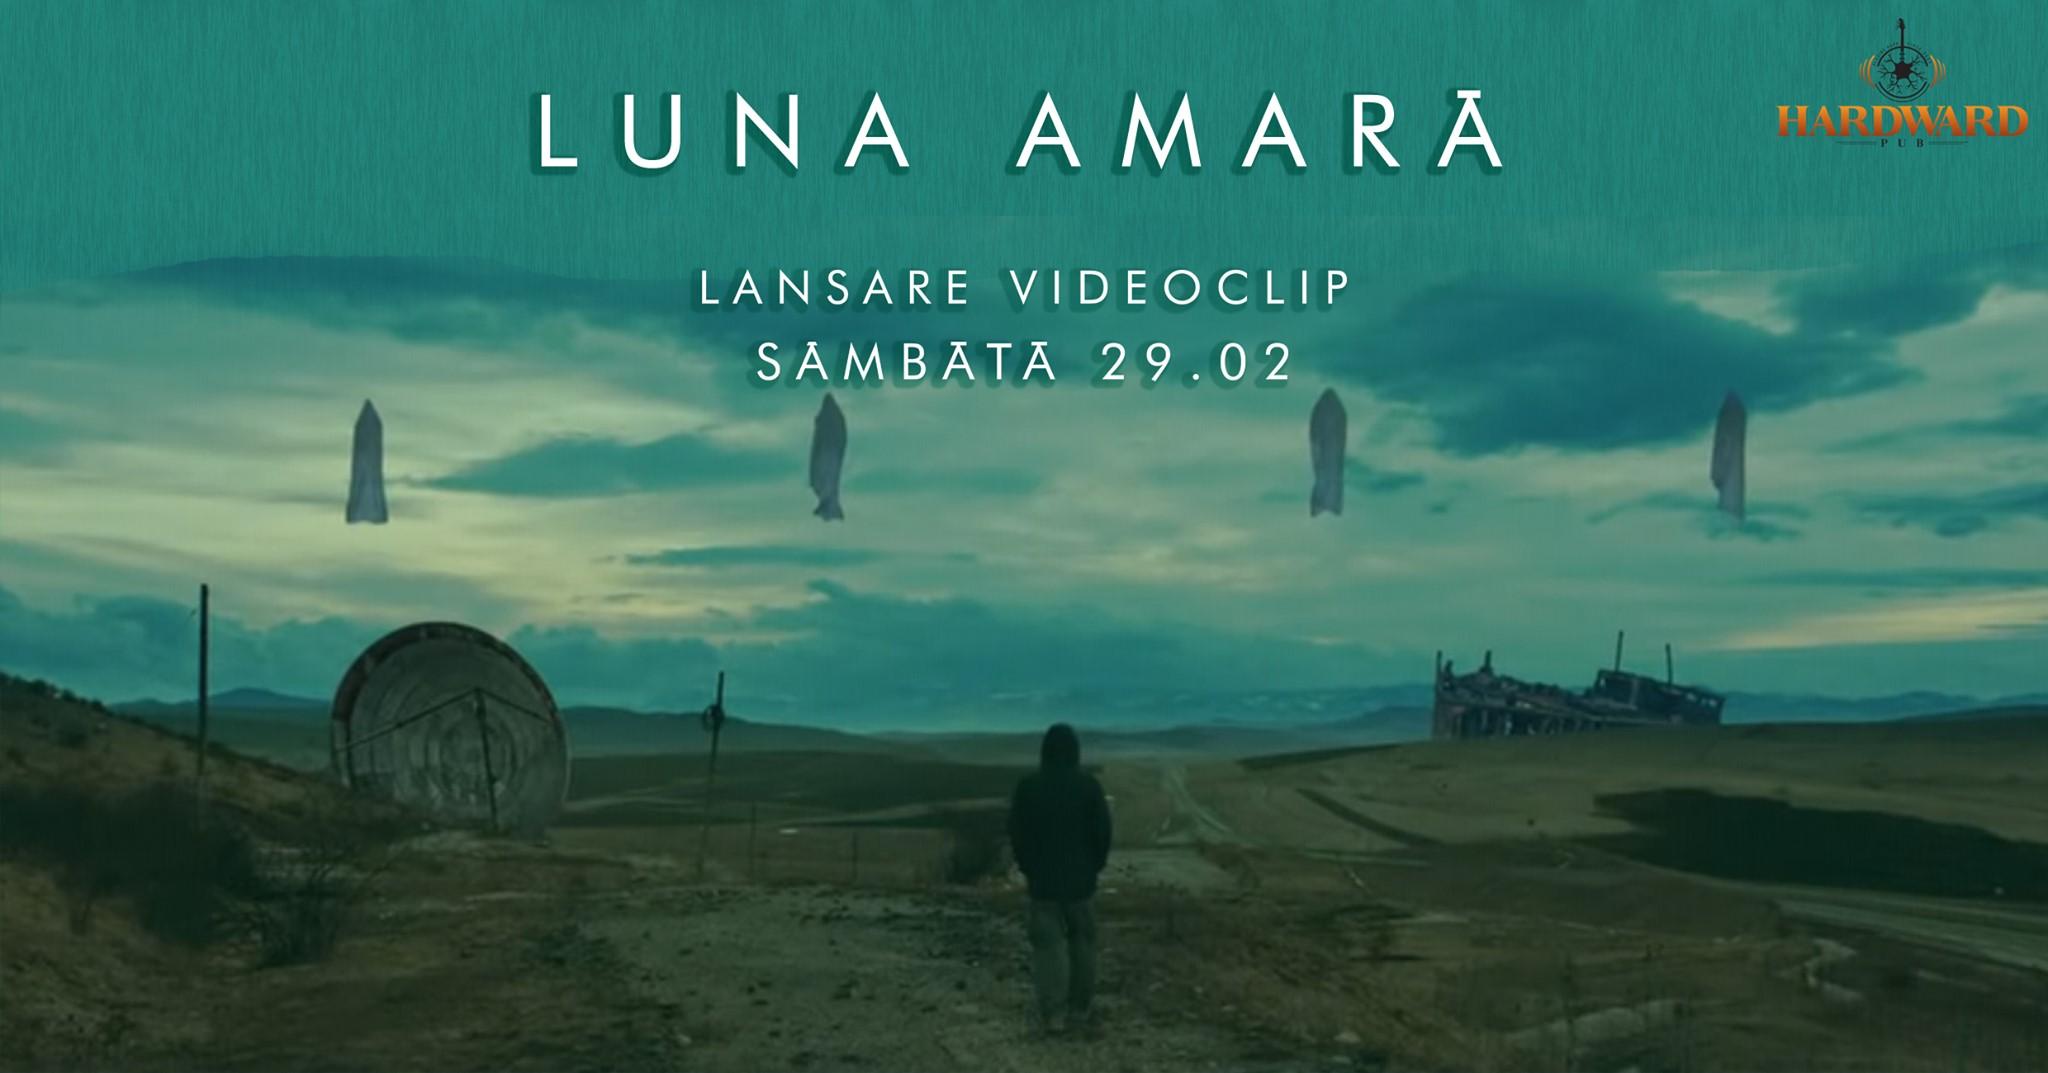 Luna Amară – Lansare Videoclip – Hardward Pub